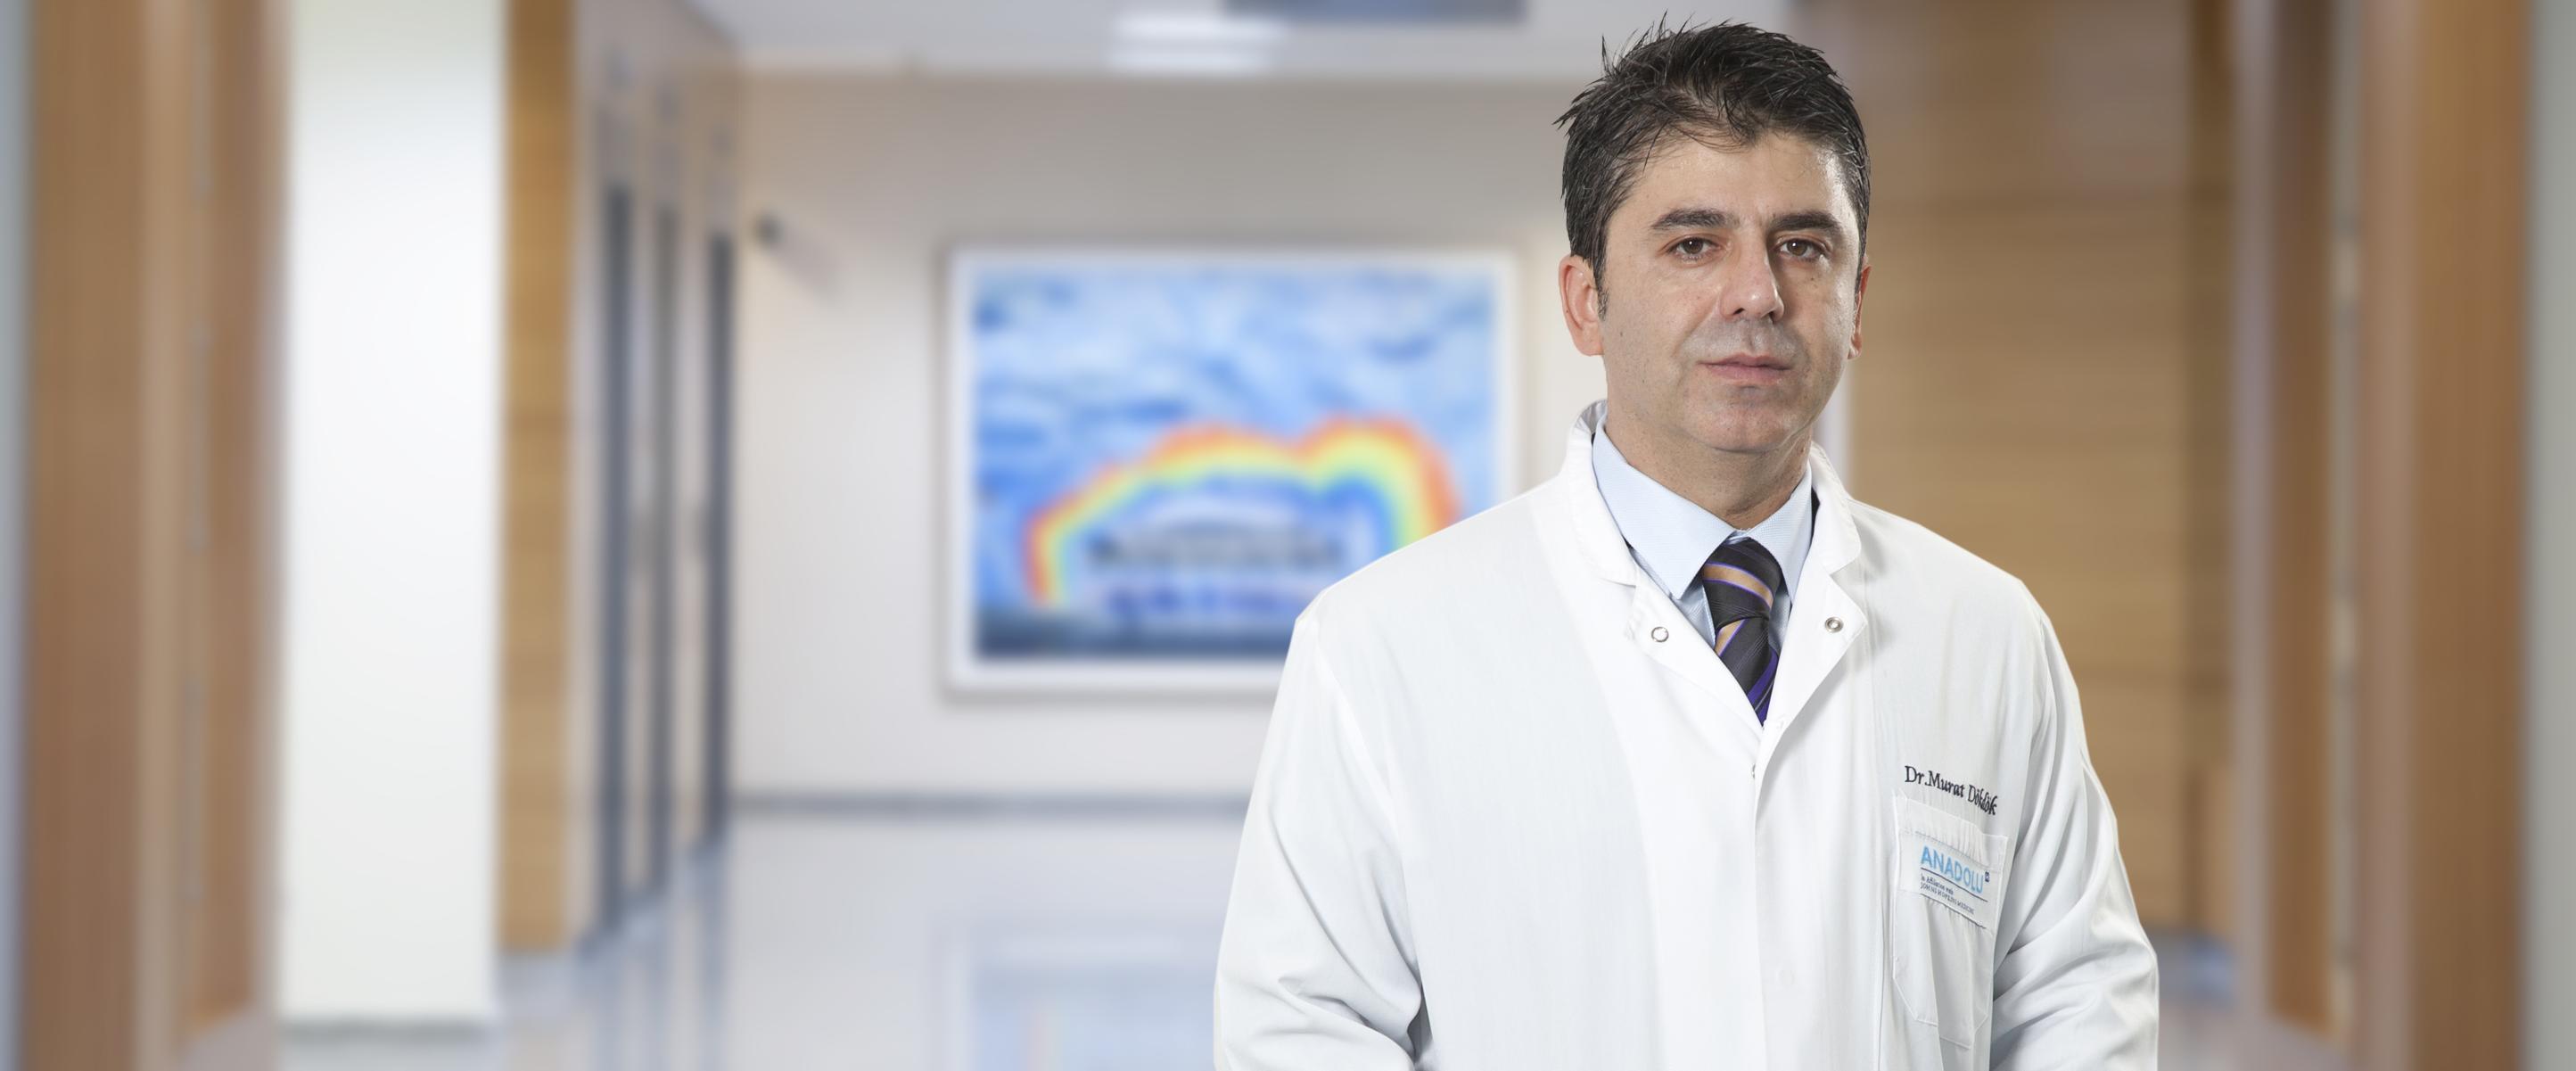 Мурат Дёкдёк — квалифицированная помощь в медицинском центре Anadolu